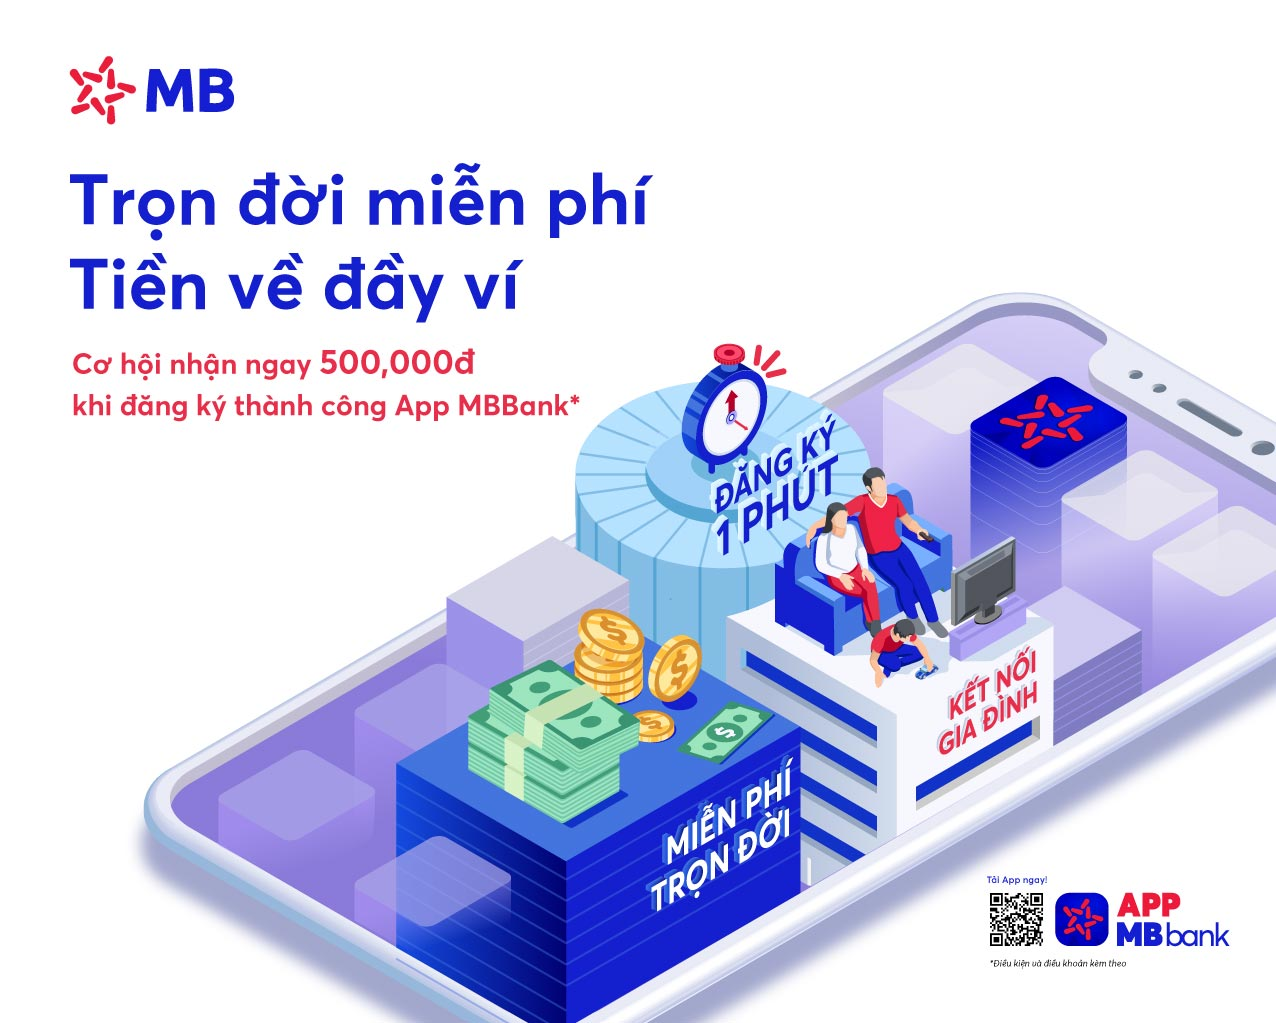 Với vài thao tác đơn giản, khách hàng có thể dùng App MBBank thanh toán ngay các loại hóa đơn